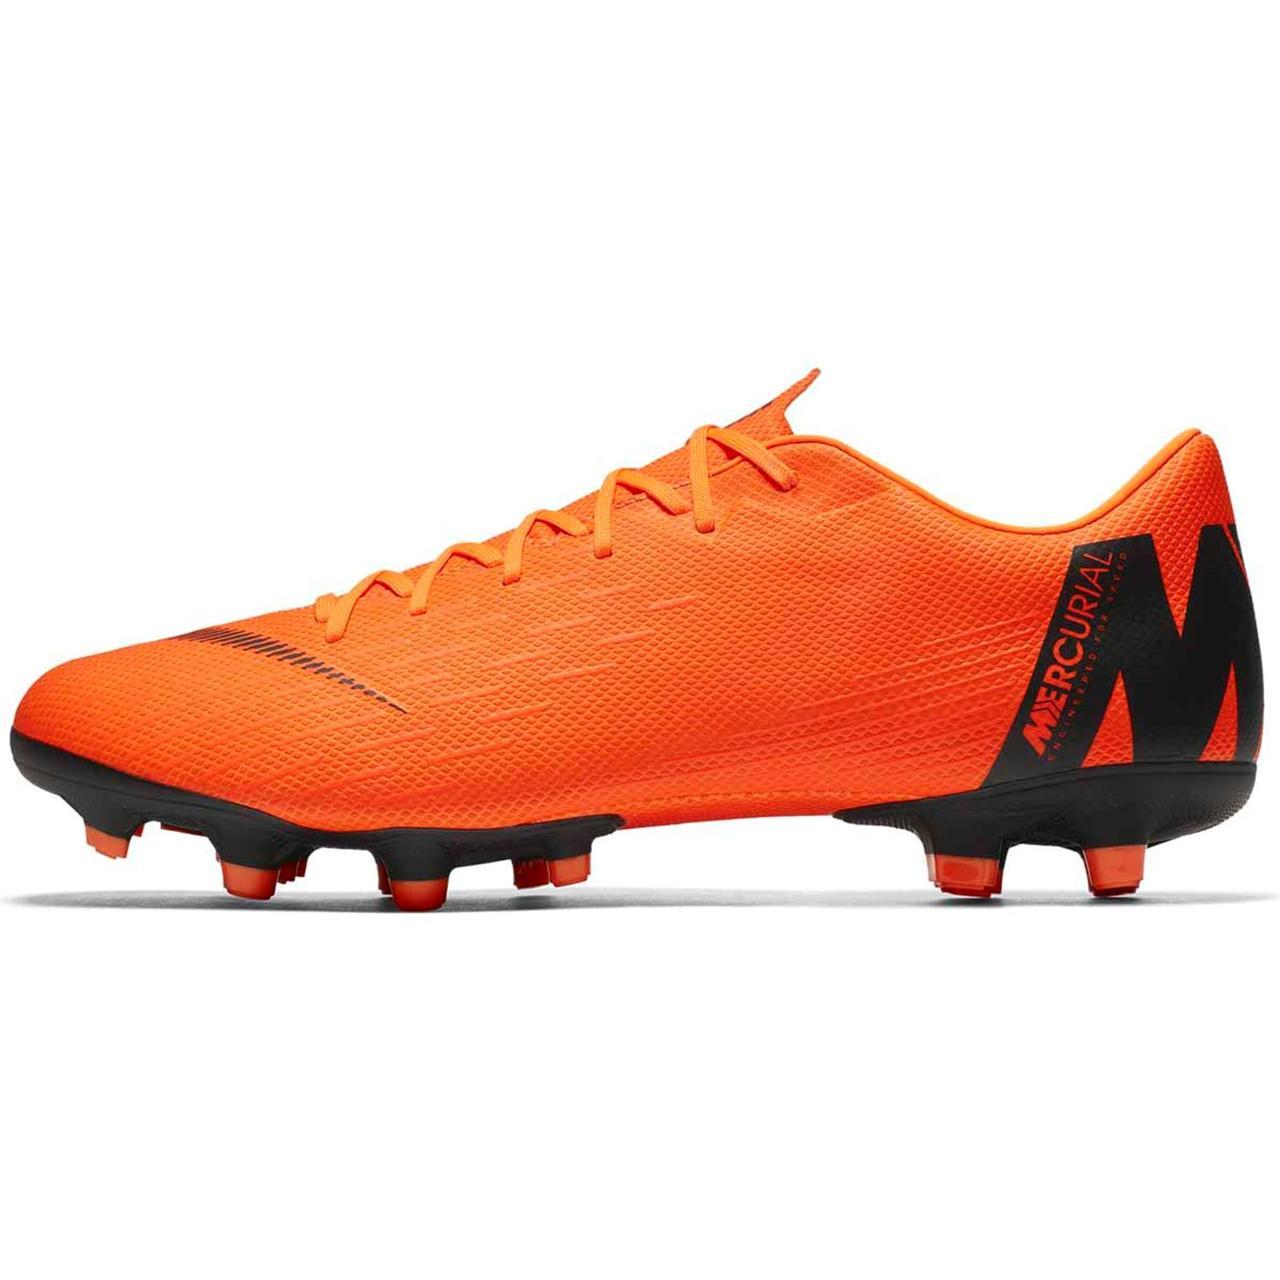 Футбольные бутсы Nike Mercurial 12 Academy MG AH7375 810 (Оригинал)